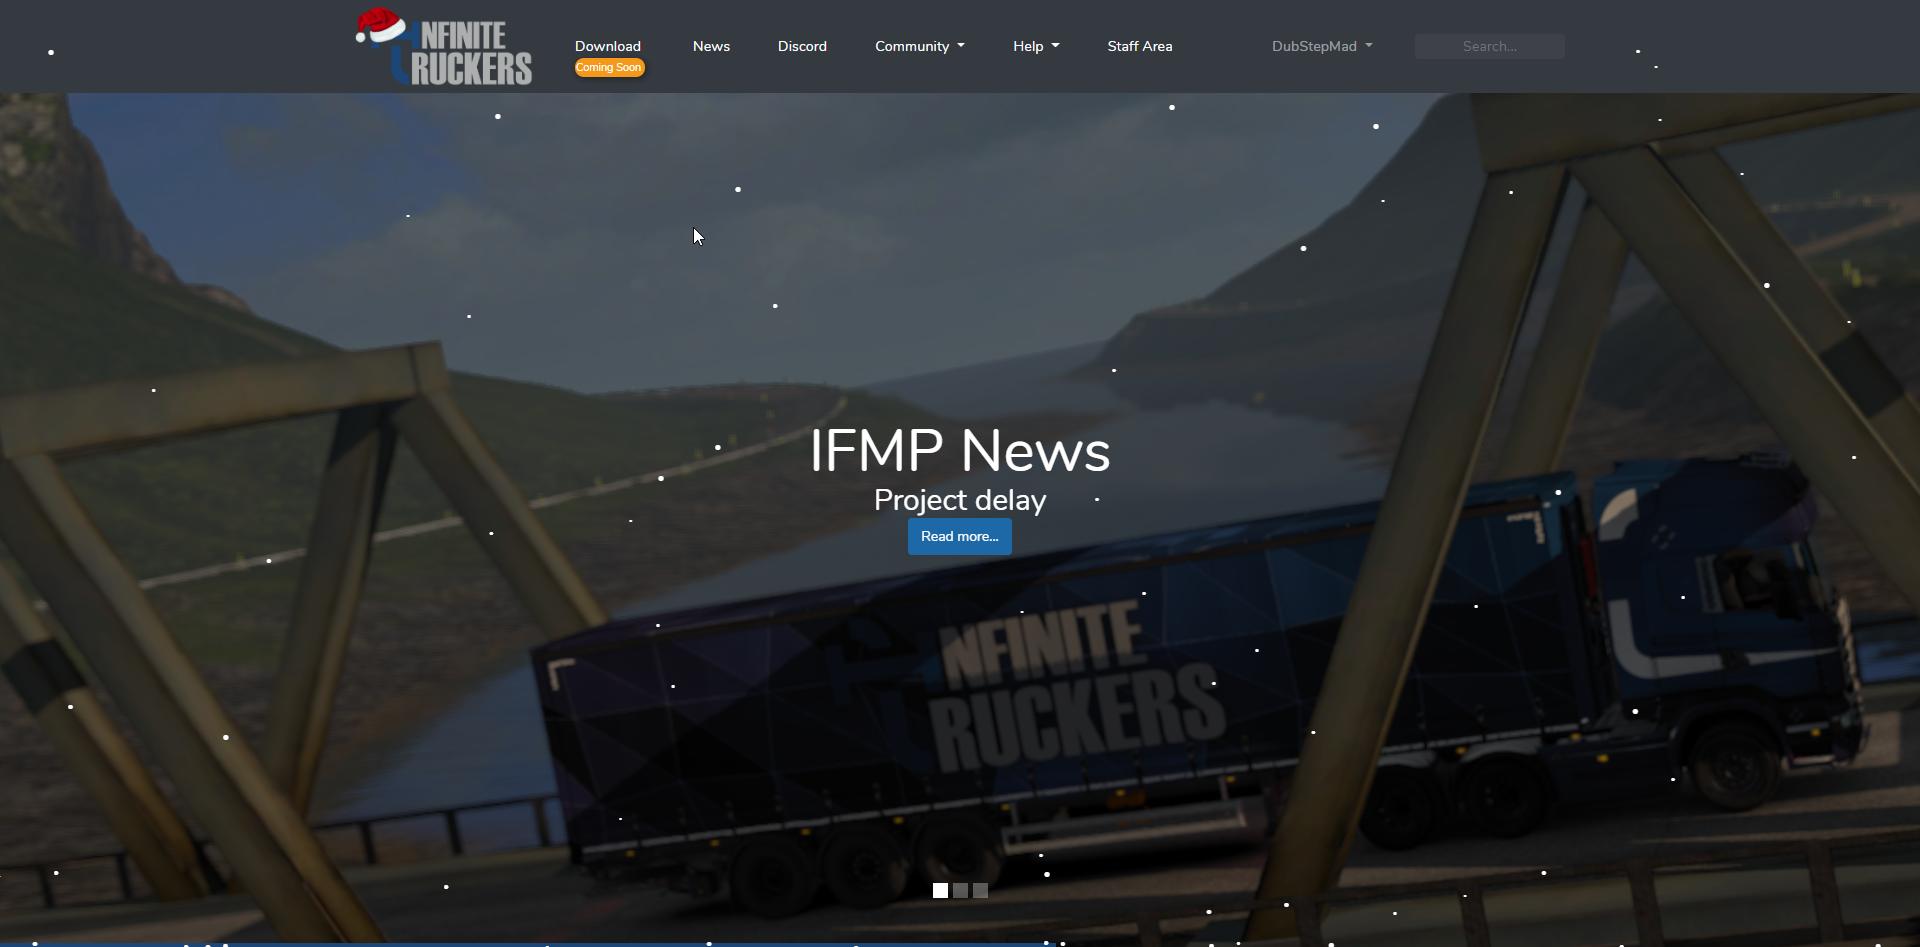 IFMP Landing Page